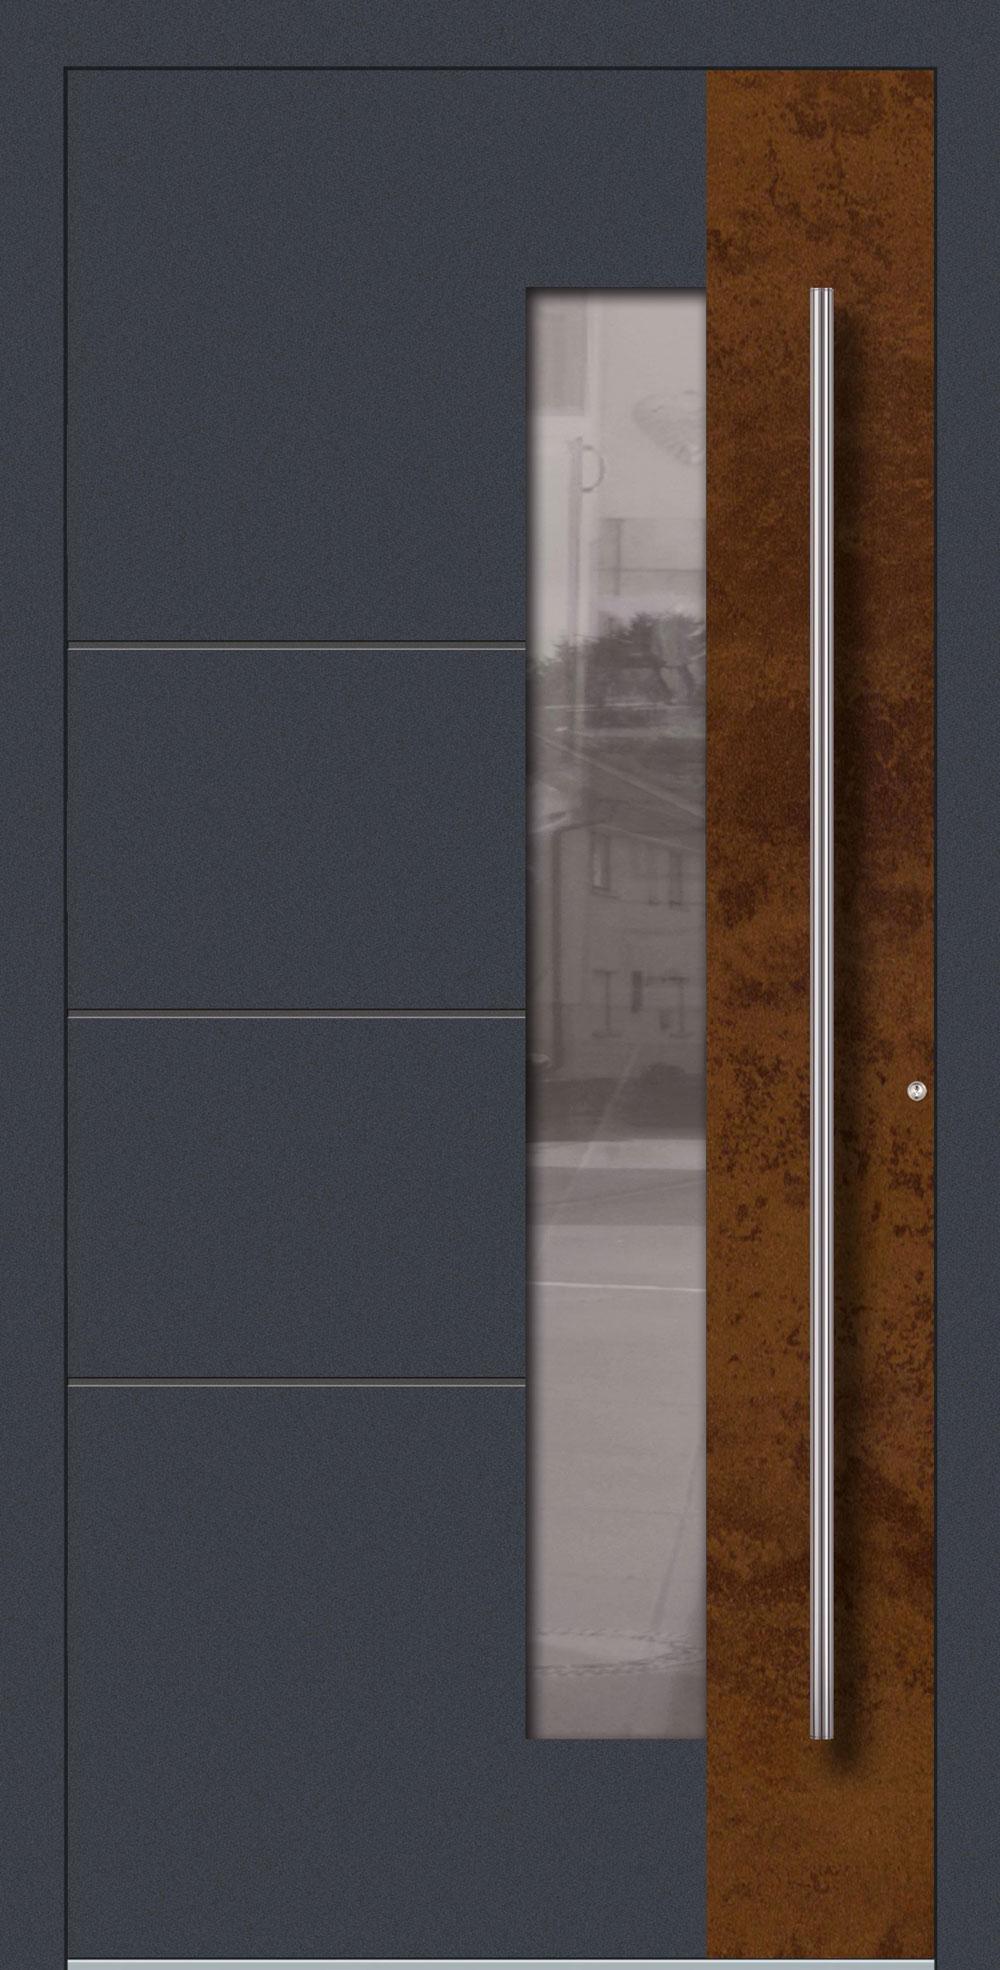 RBGN01 ISO-Wärmeschutzverglasung Satinato weiß Nuten & Applikation in Rostoptik Vintage einseitig außen Anwendungsbeispiel in flügelüberdeckend, Edelstahlgriff 1600 ES